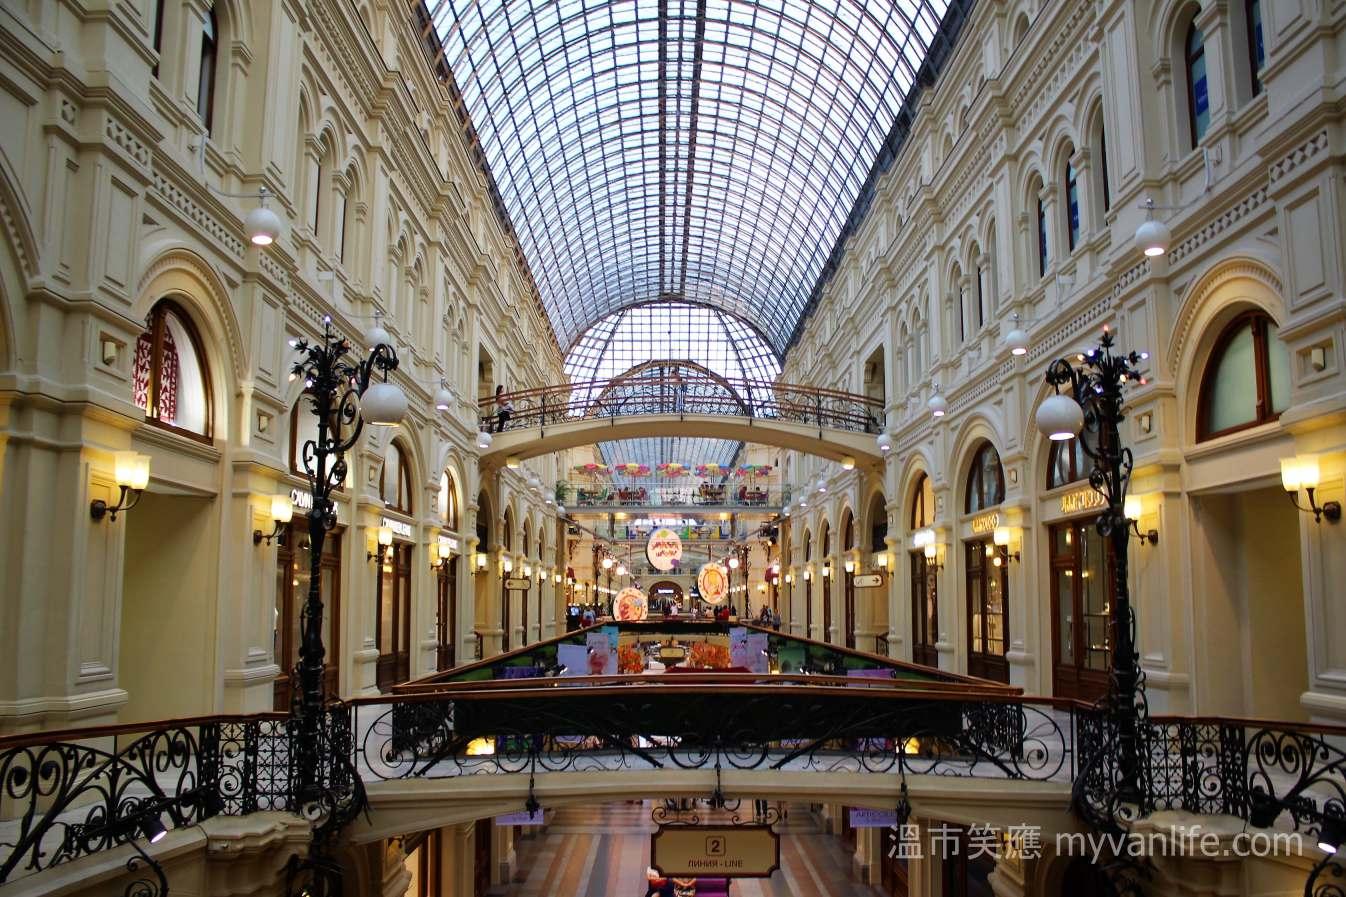 西伯利亞壯遊記 之五 莫斯科之城內城外買一回